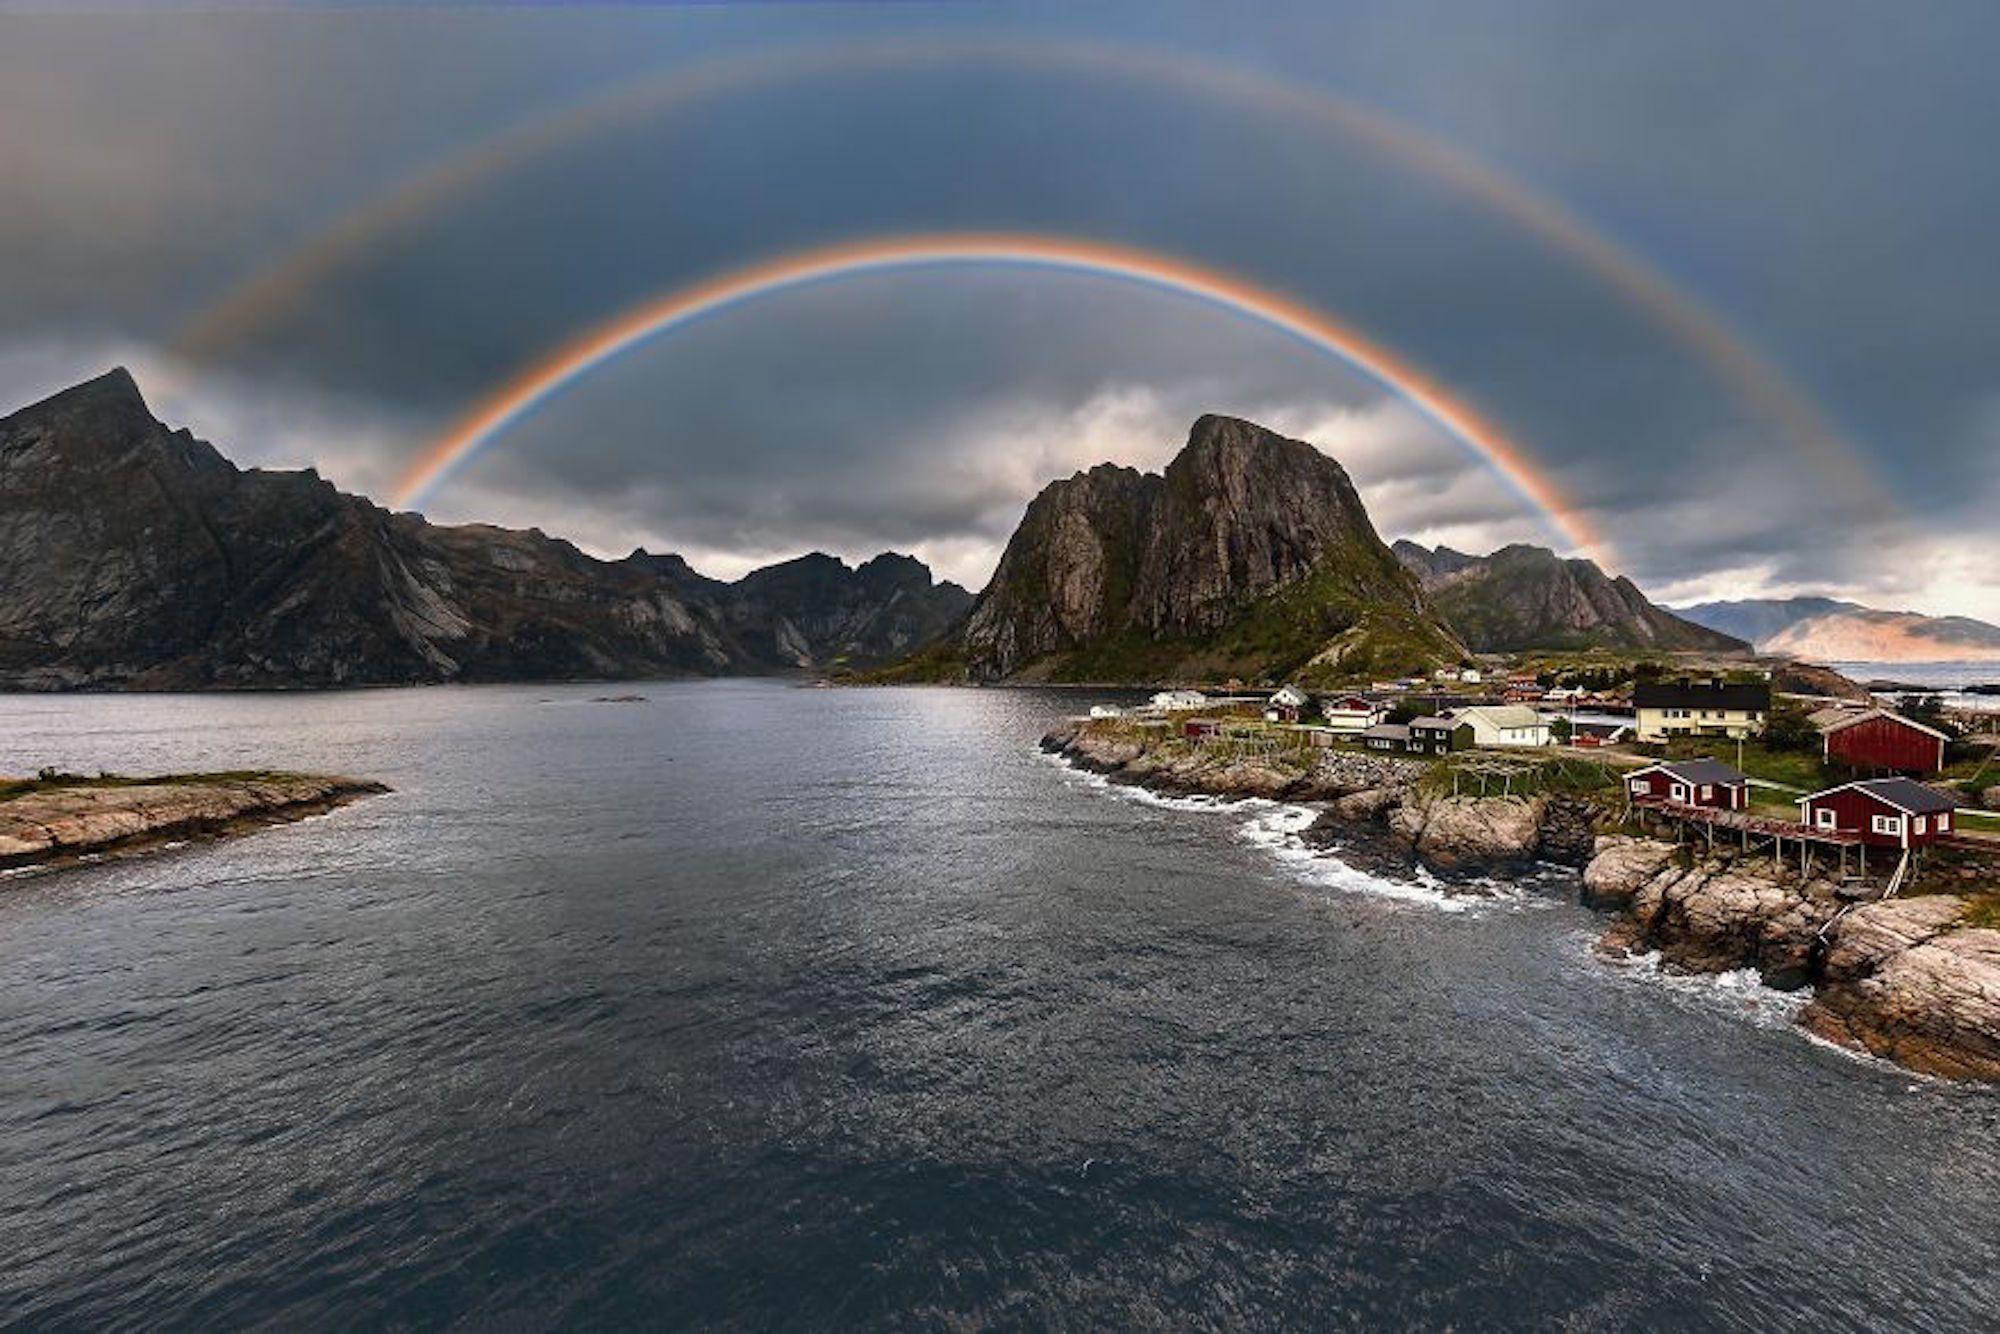 Arco-íris duplo visto quando o fotógrafo atravessava uma ponte nas Ilhas Lofotenn